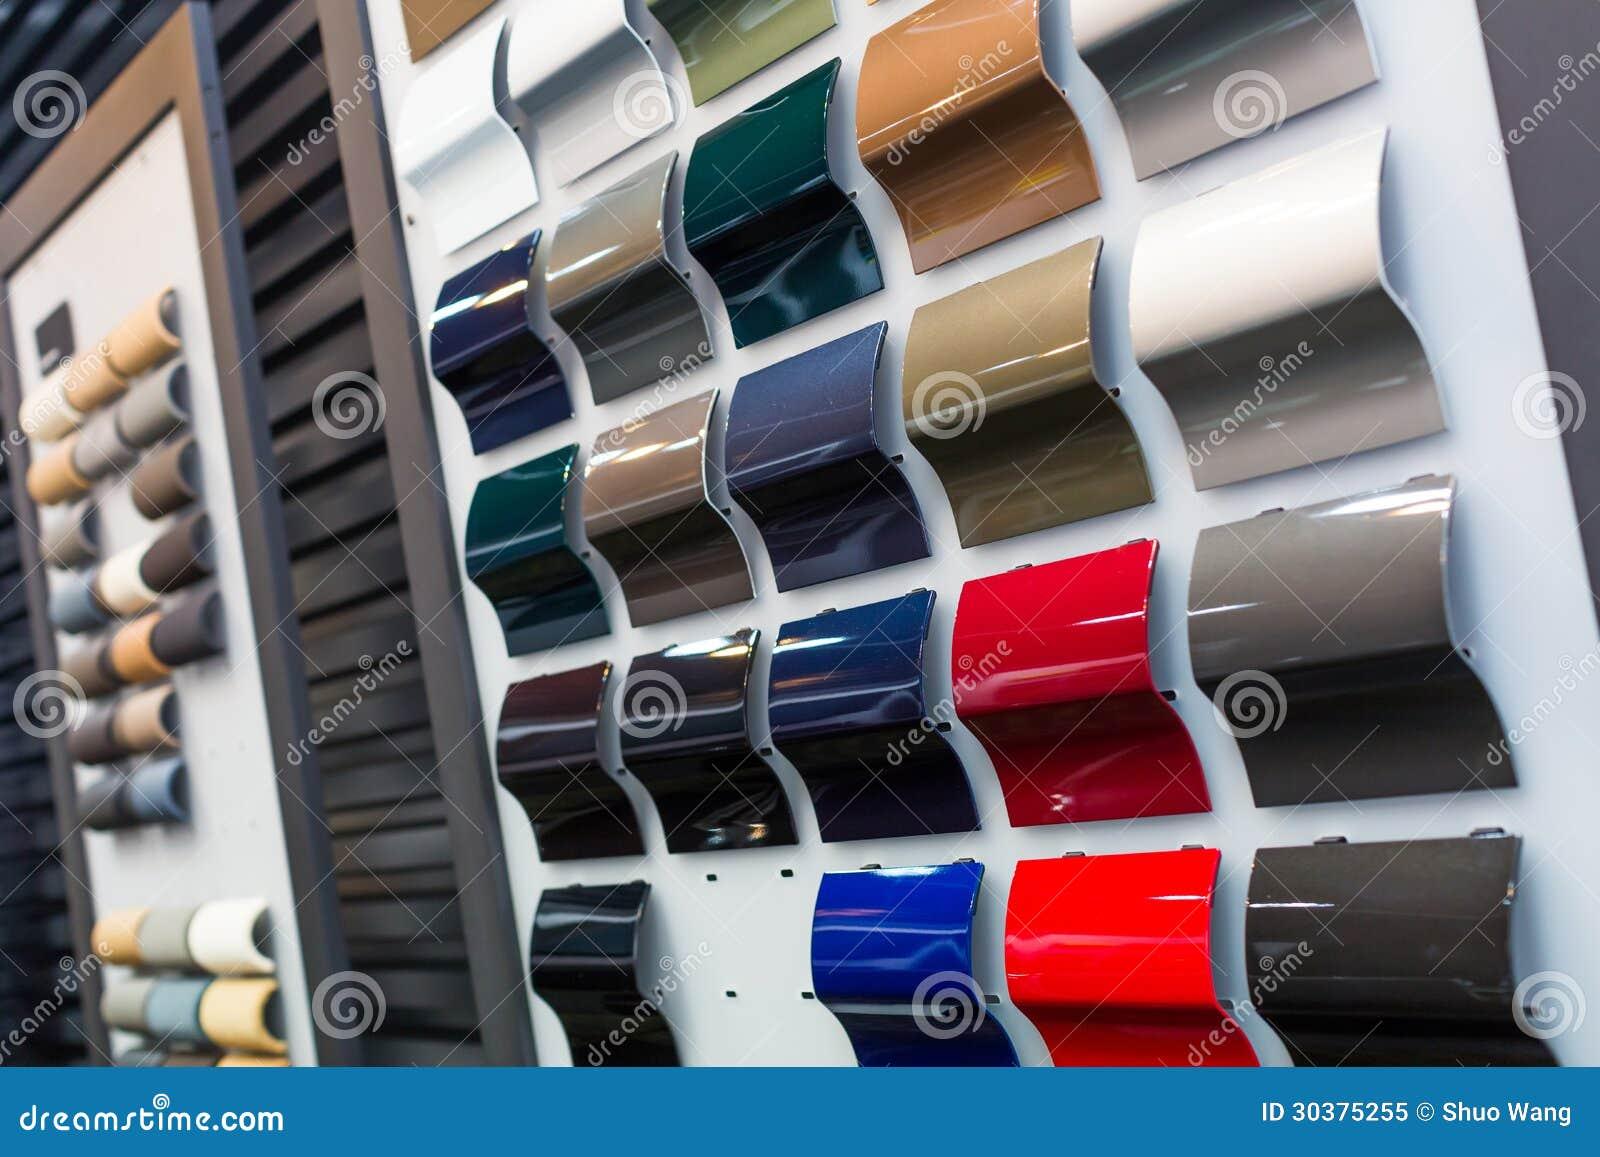 Chantillons De Peinture De Voiture Image Stock Image Du D Corez